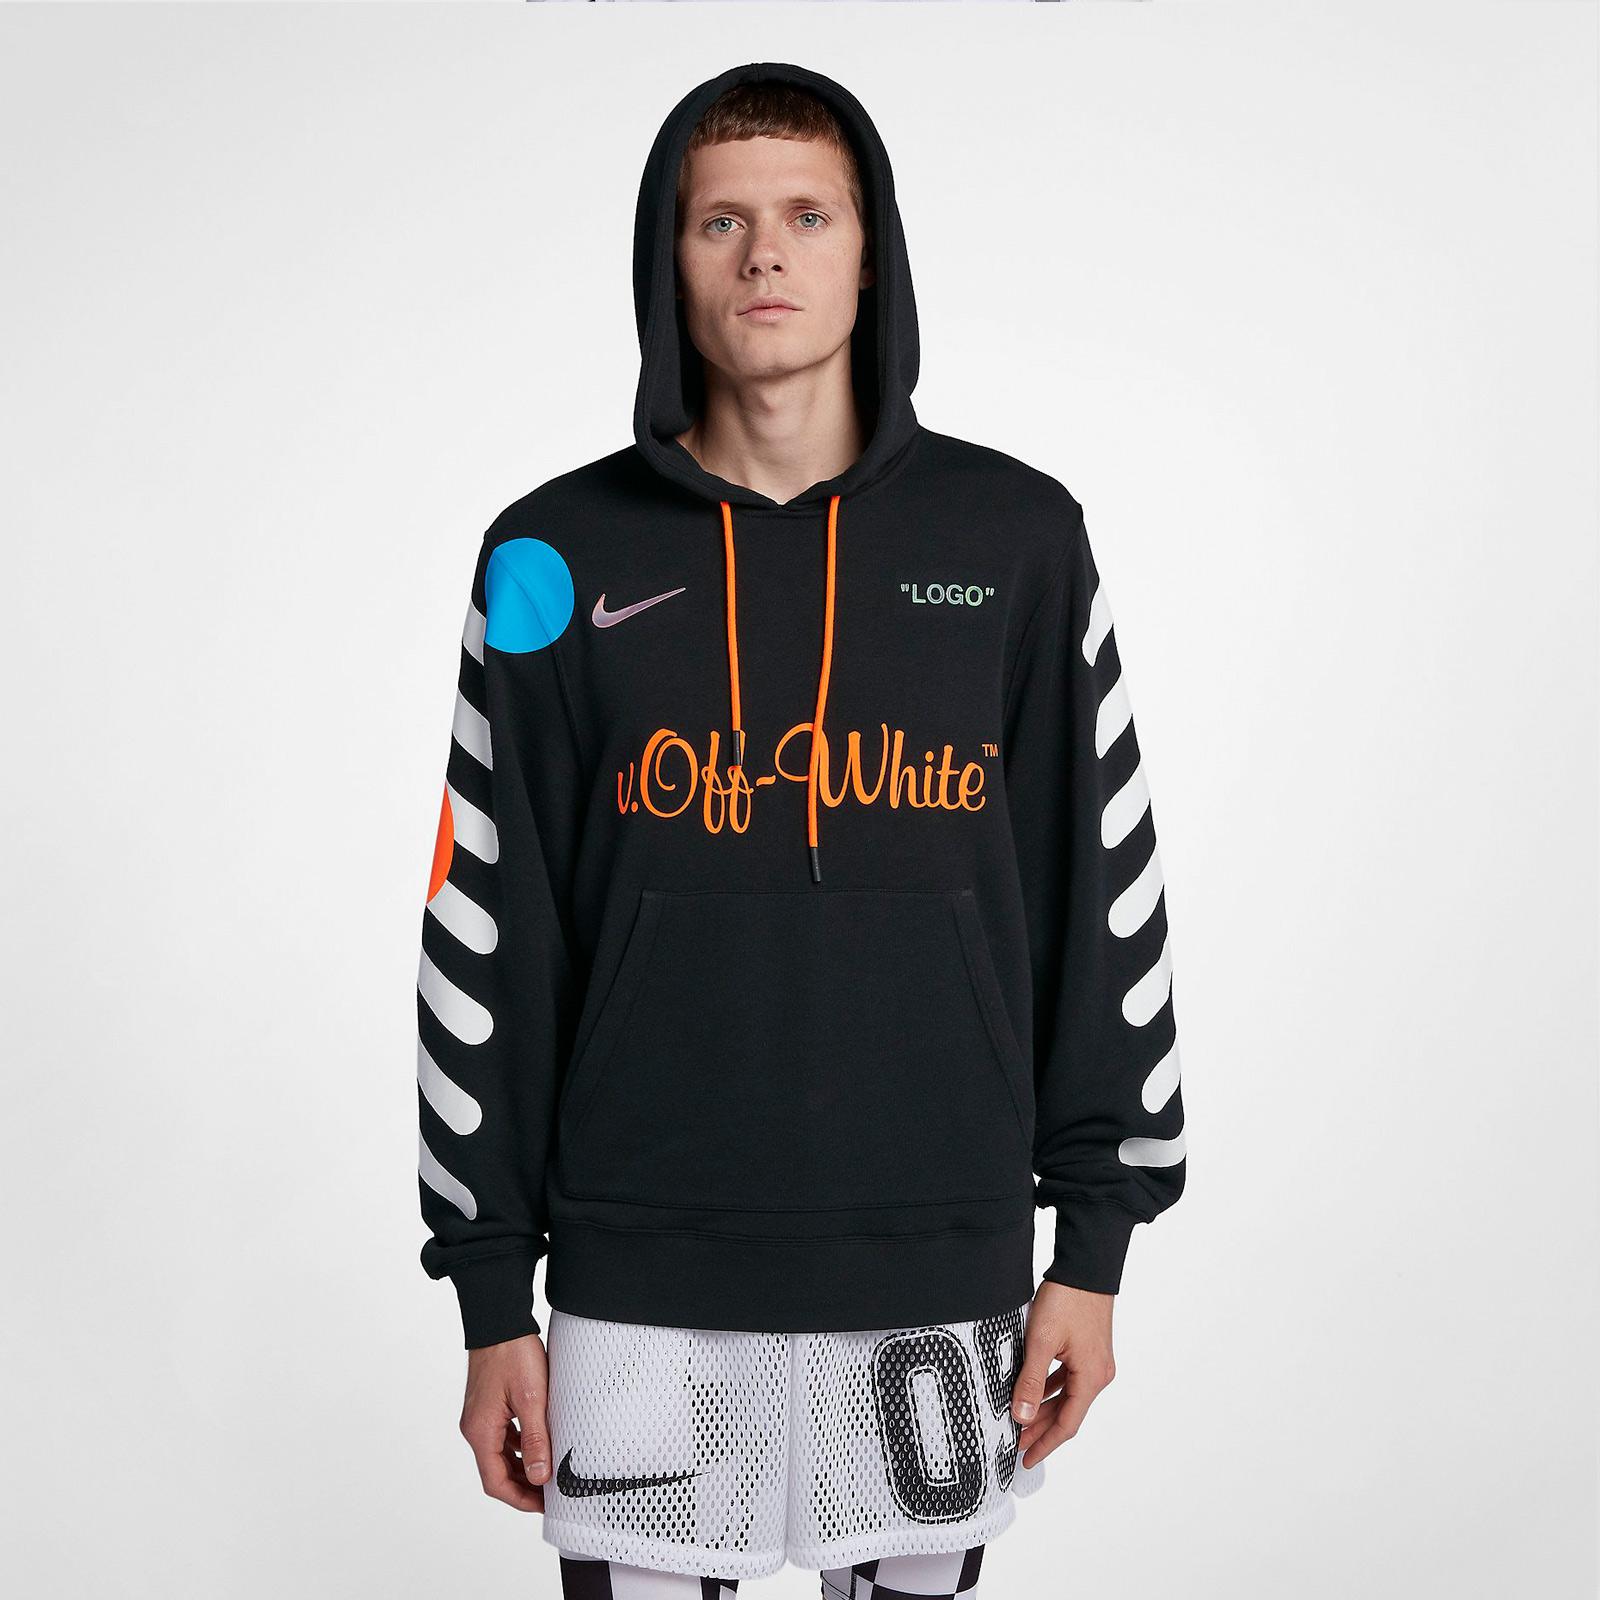 06fce391 Nike NRG X OW PO HOODIE - Aa3257-010 - Sneakersnstuff | sneakers ...